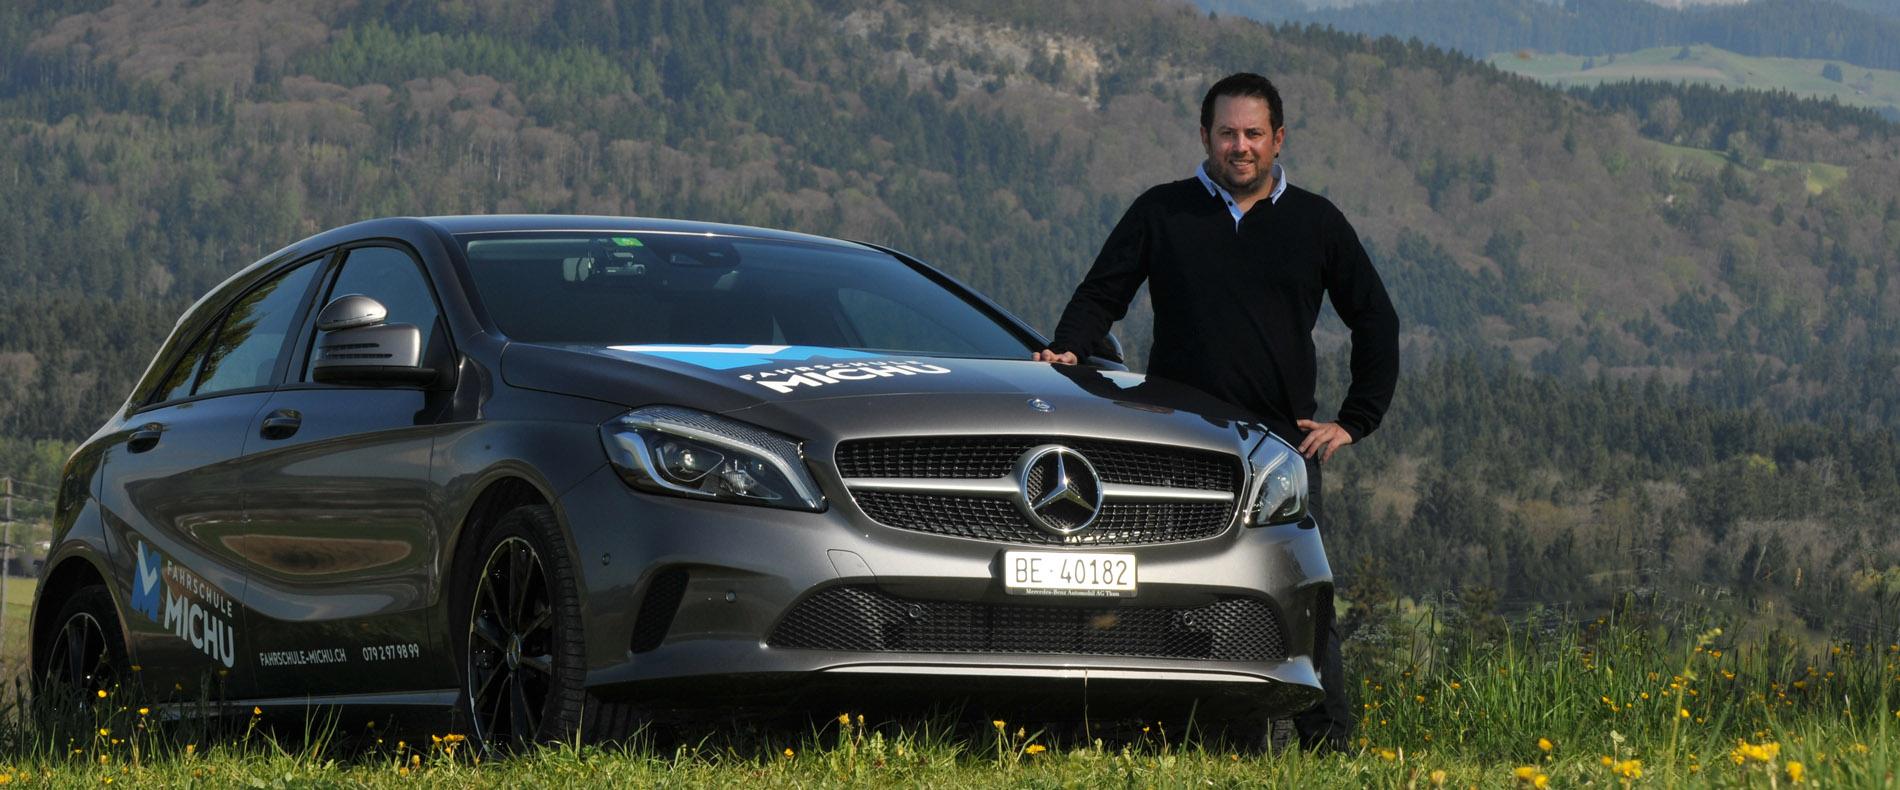 Weiterbildung für Führerausweisinhaber Michu Thun